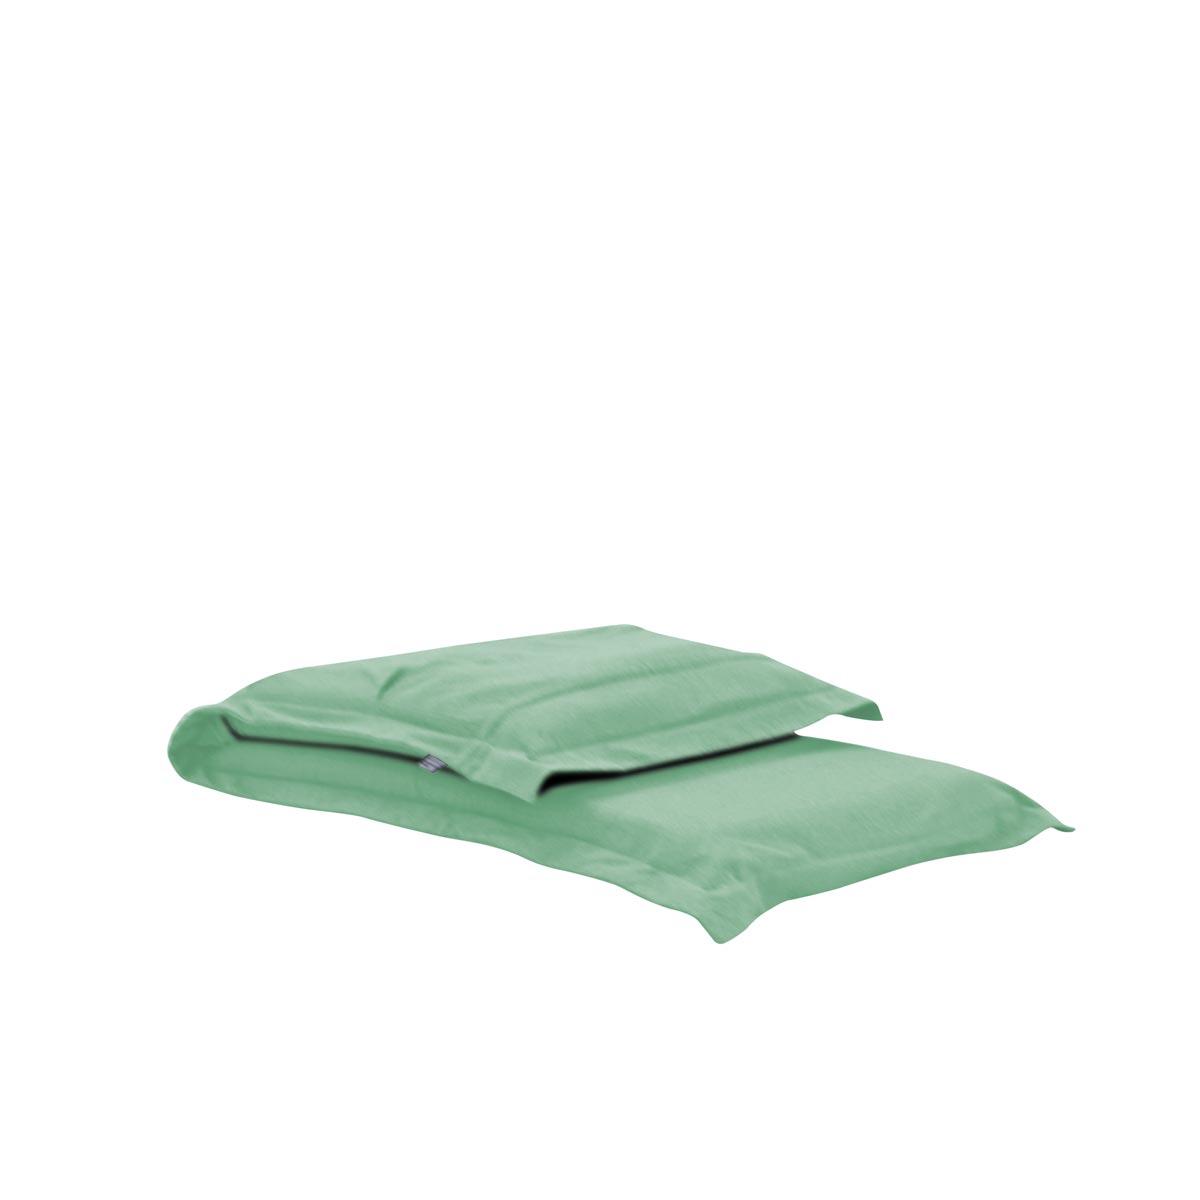 Pufe ClicClac Uno Lounge Tecido Ecolona Verde Menta 02 04